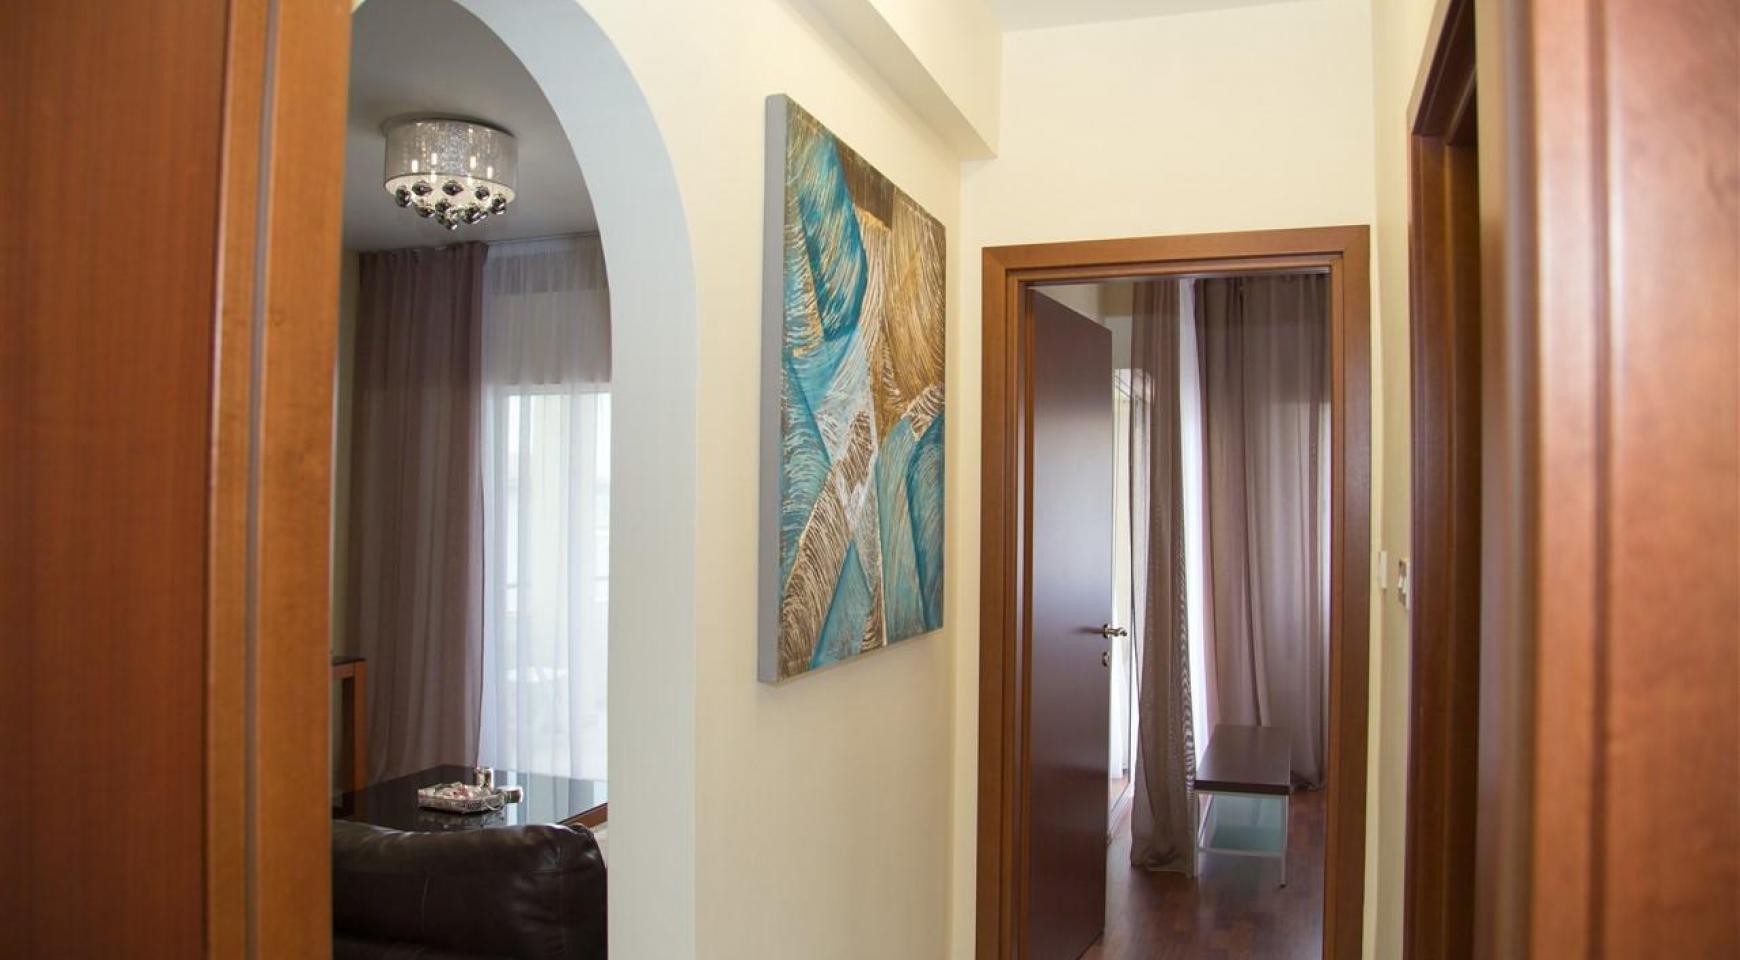 2-Спальная Квартира Mesogios Iris 304 в Комплексе у Моря - 16